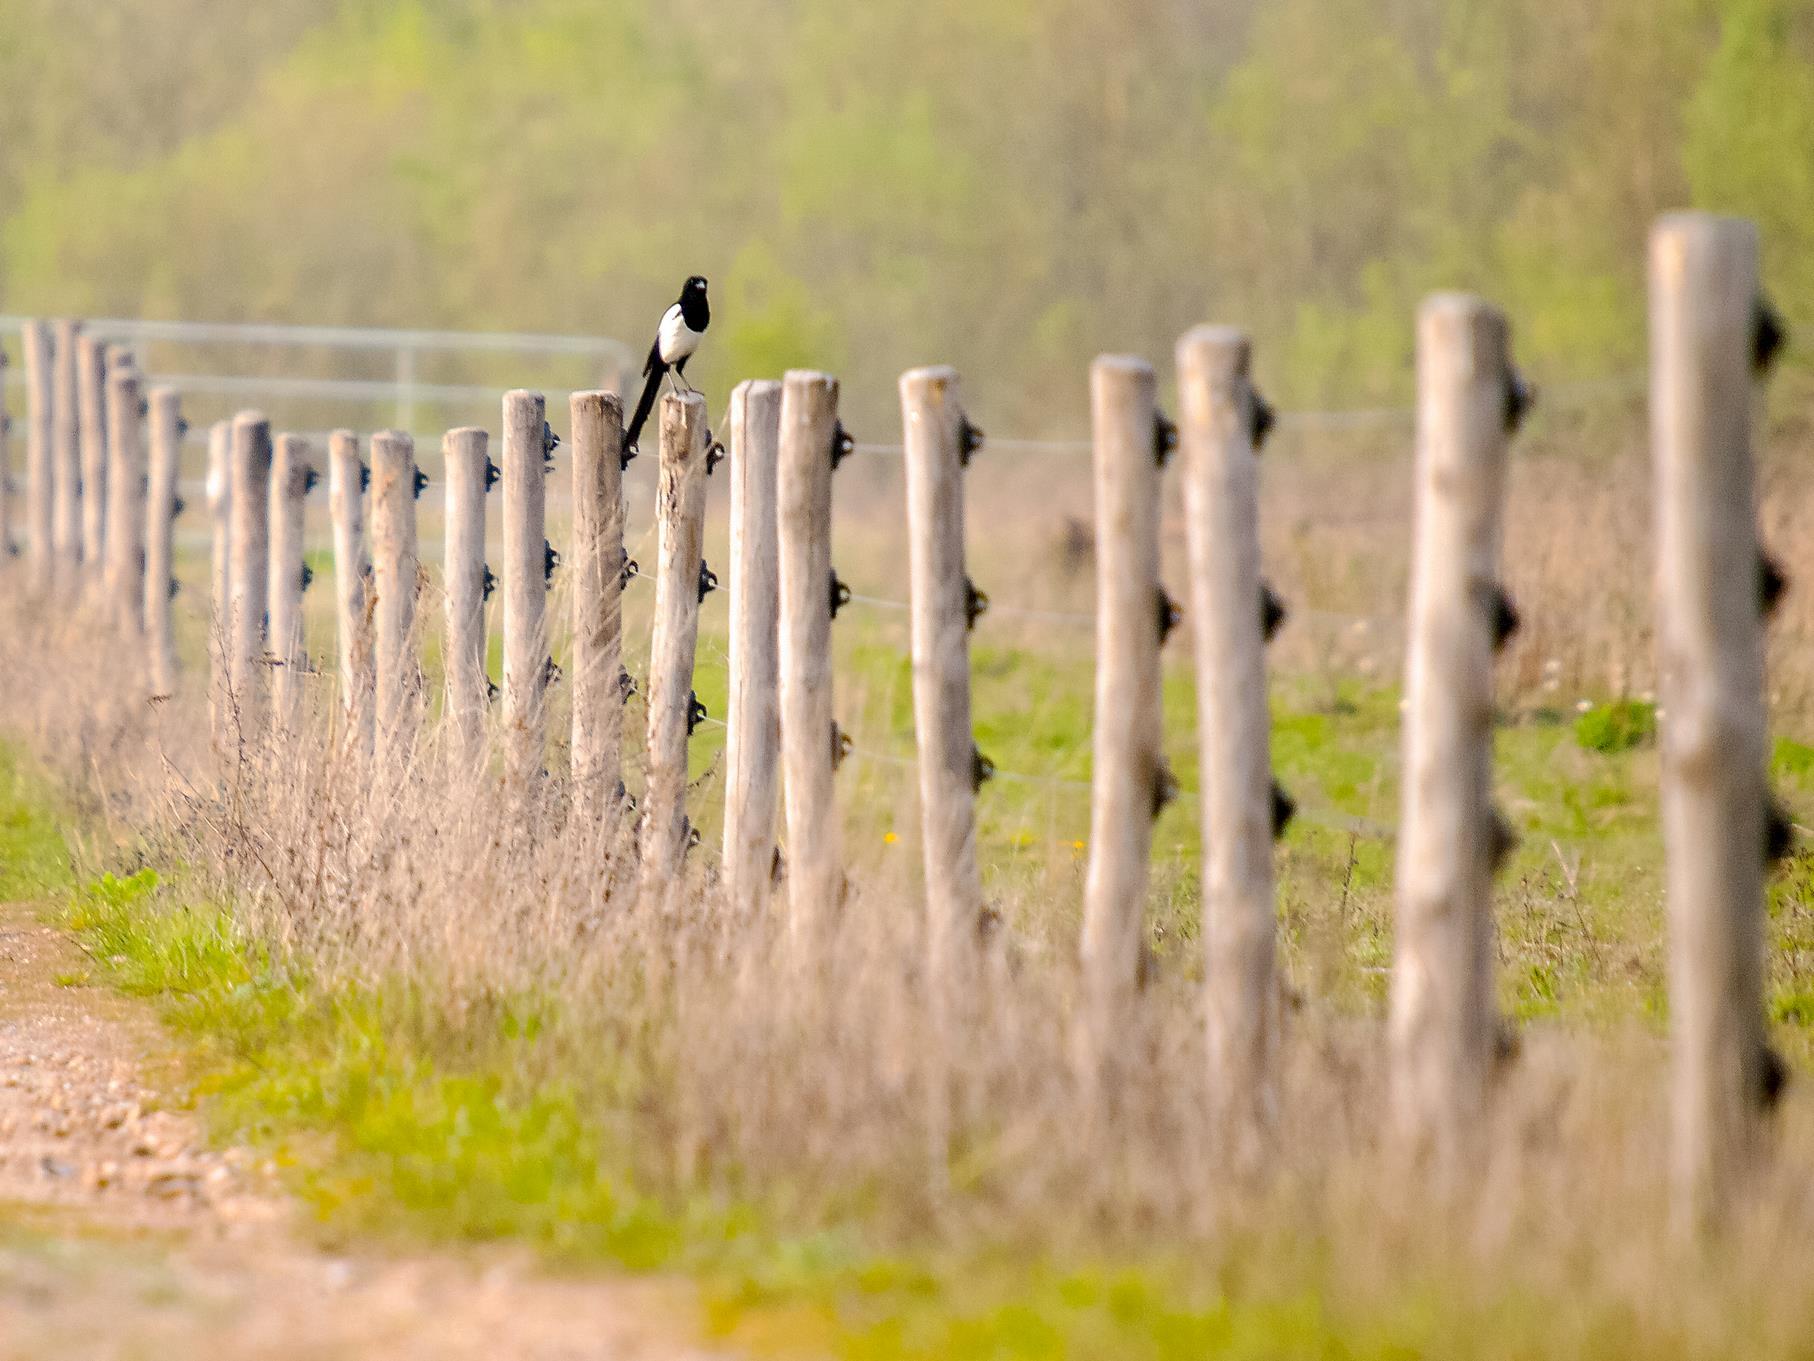 Eine Elster sitzt auf einem Zaunpfahl am Stichweg.